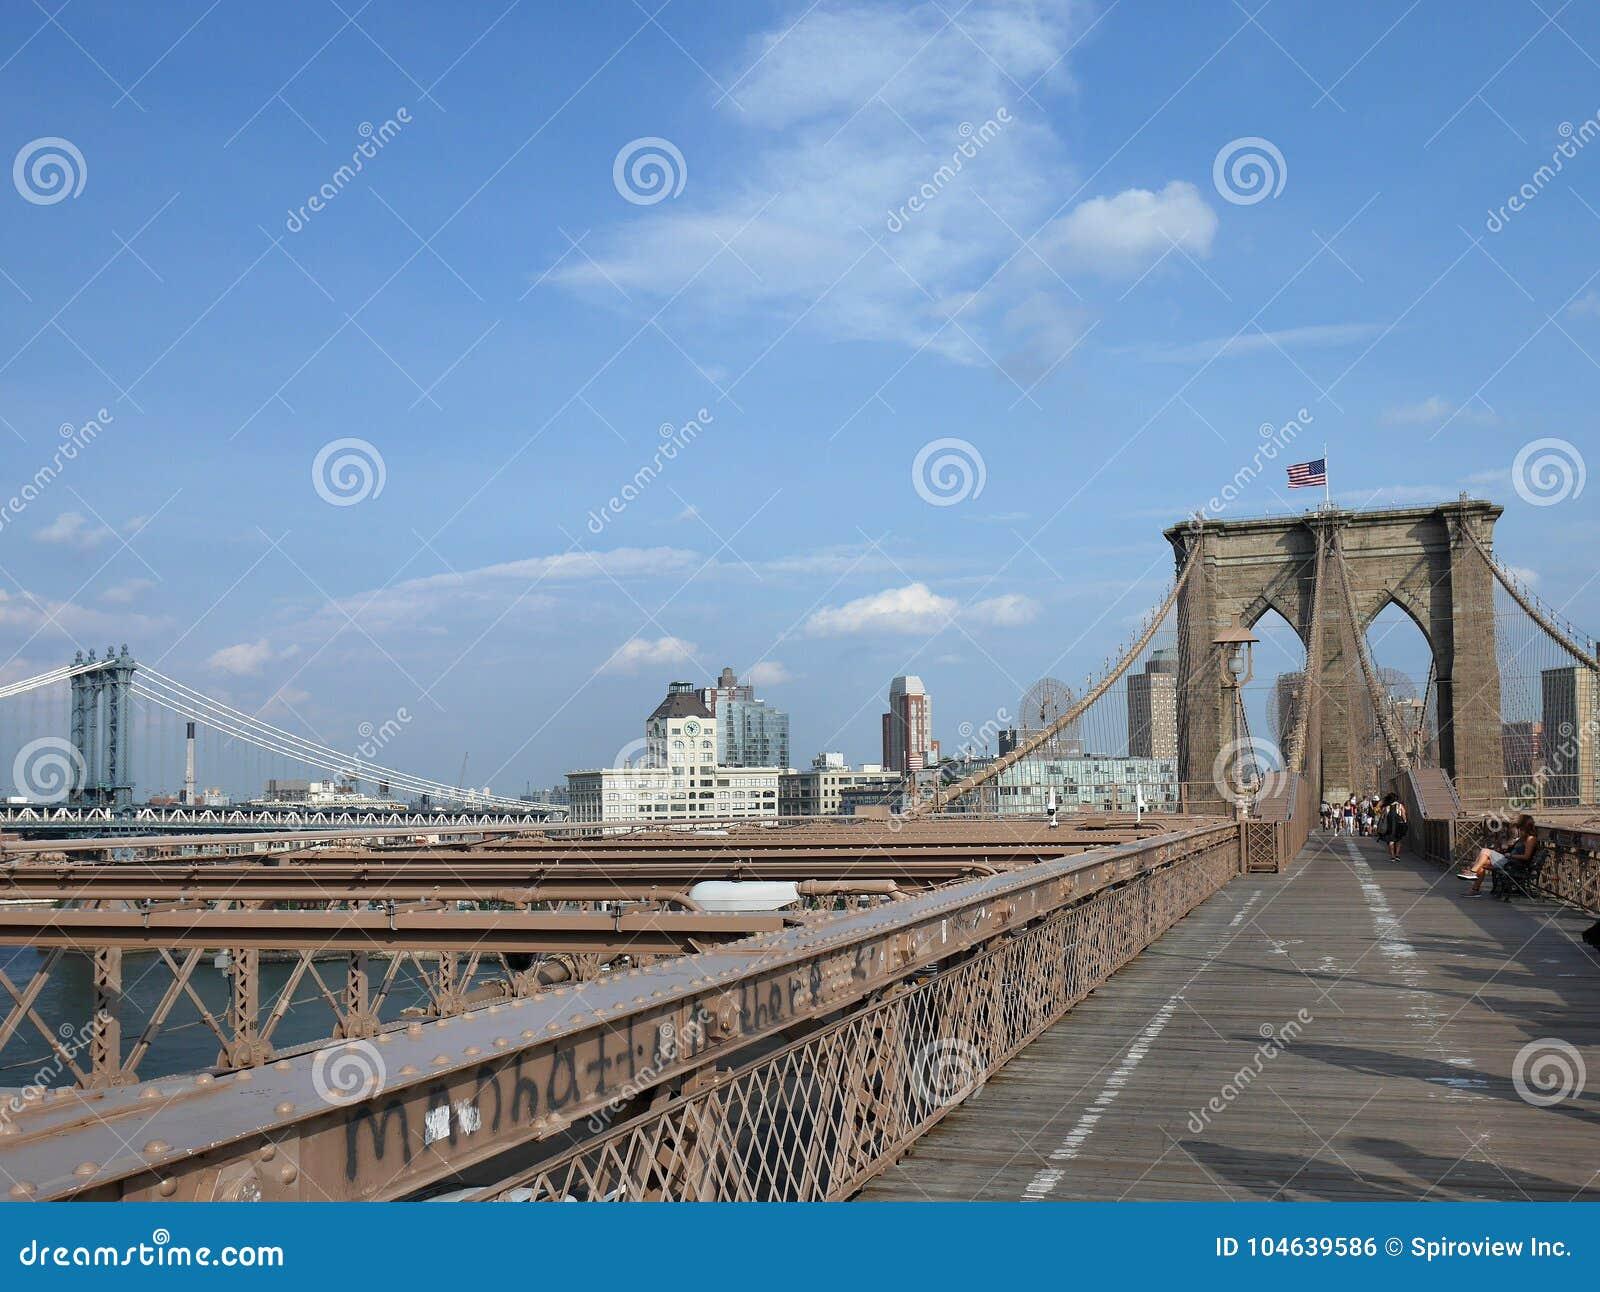 Download Teken, Bakstenen, Dichtbij De Brug Van Brooklyn Redactionele Foto - Afbeelding bestaande uit voetganger, steeg: 104639586